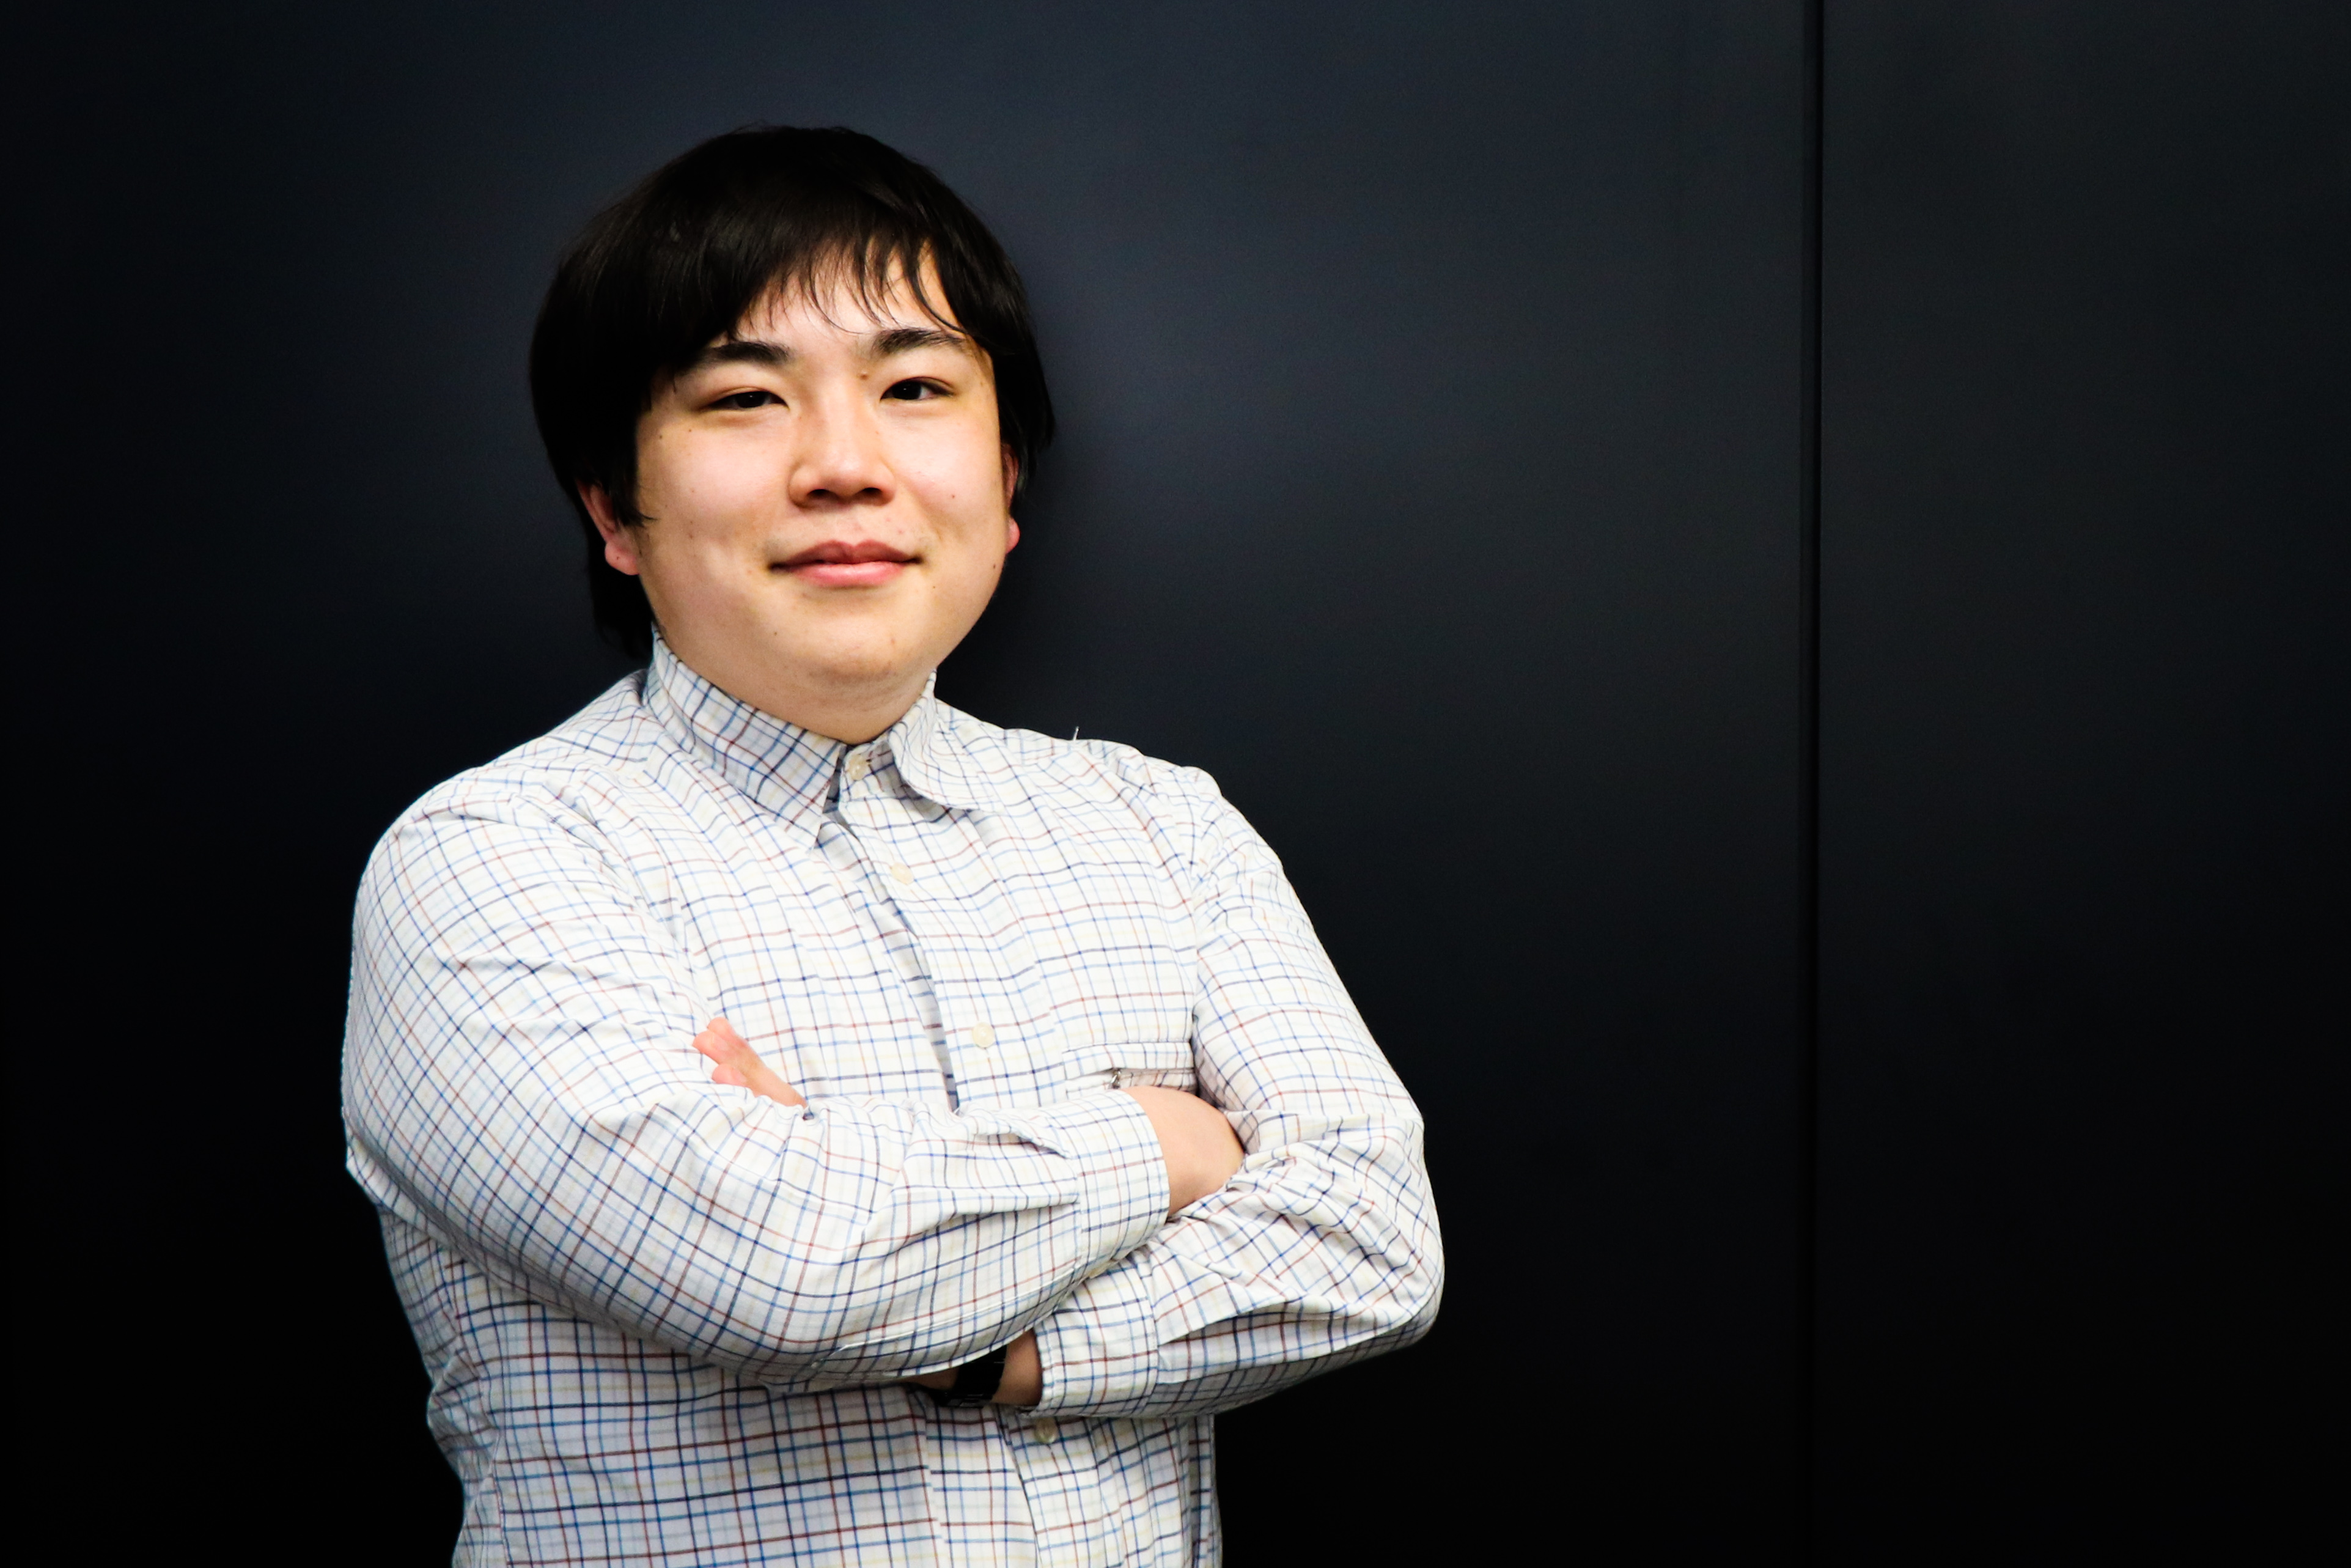 【大阪勤務】Webマーケティング事業のカスタマーサクセス